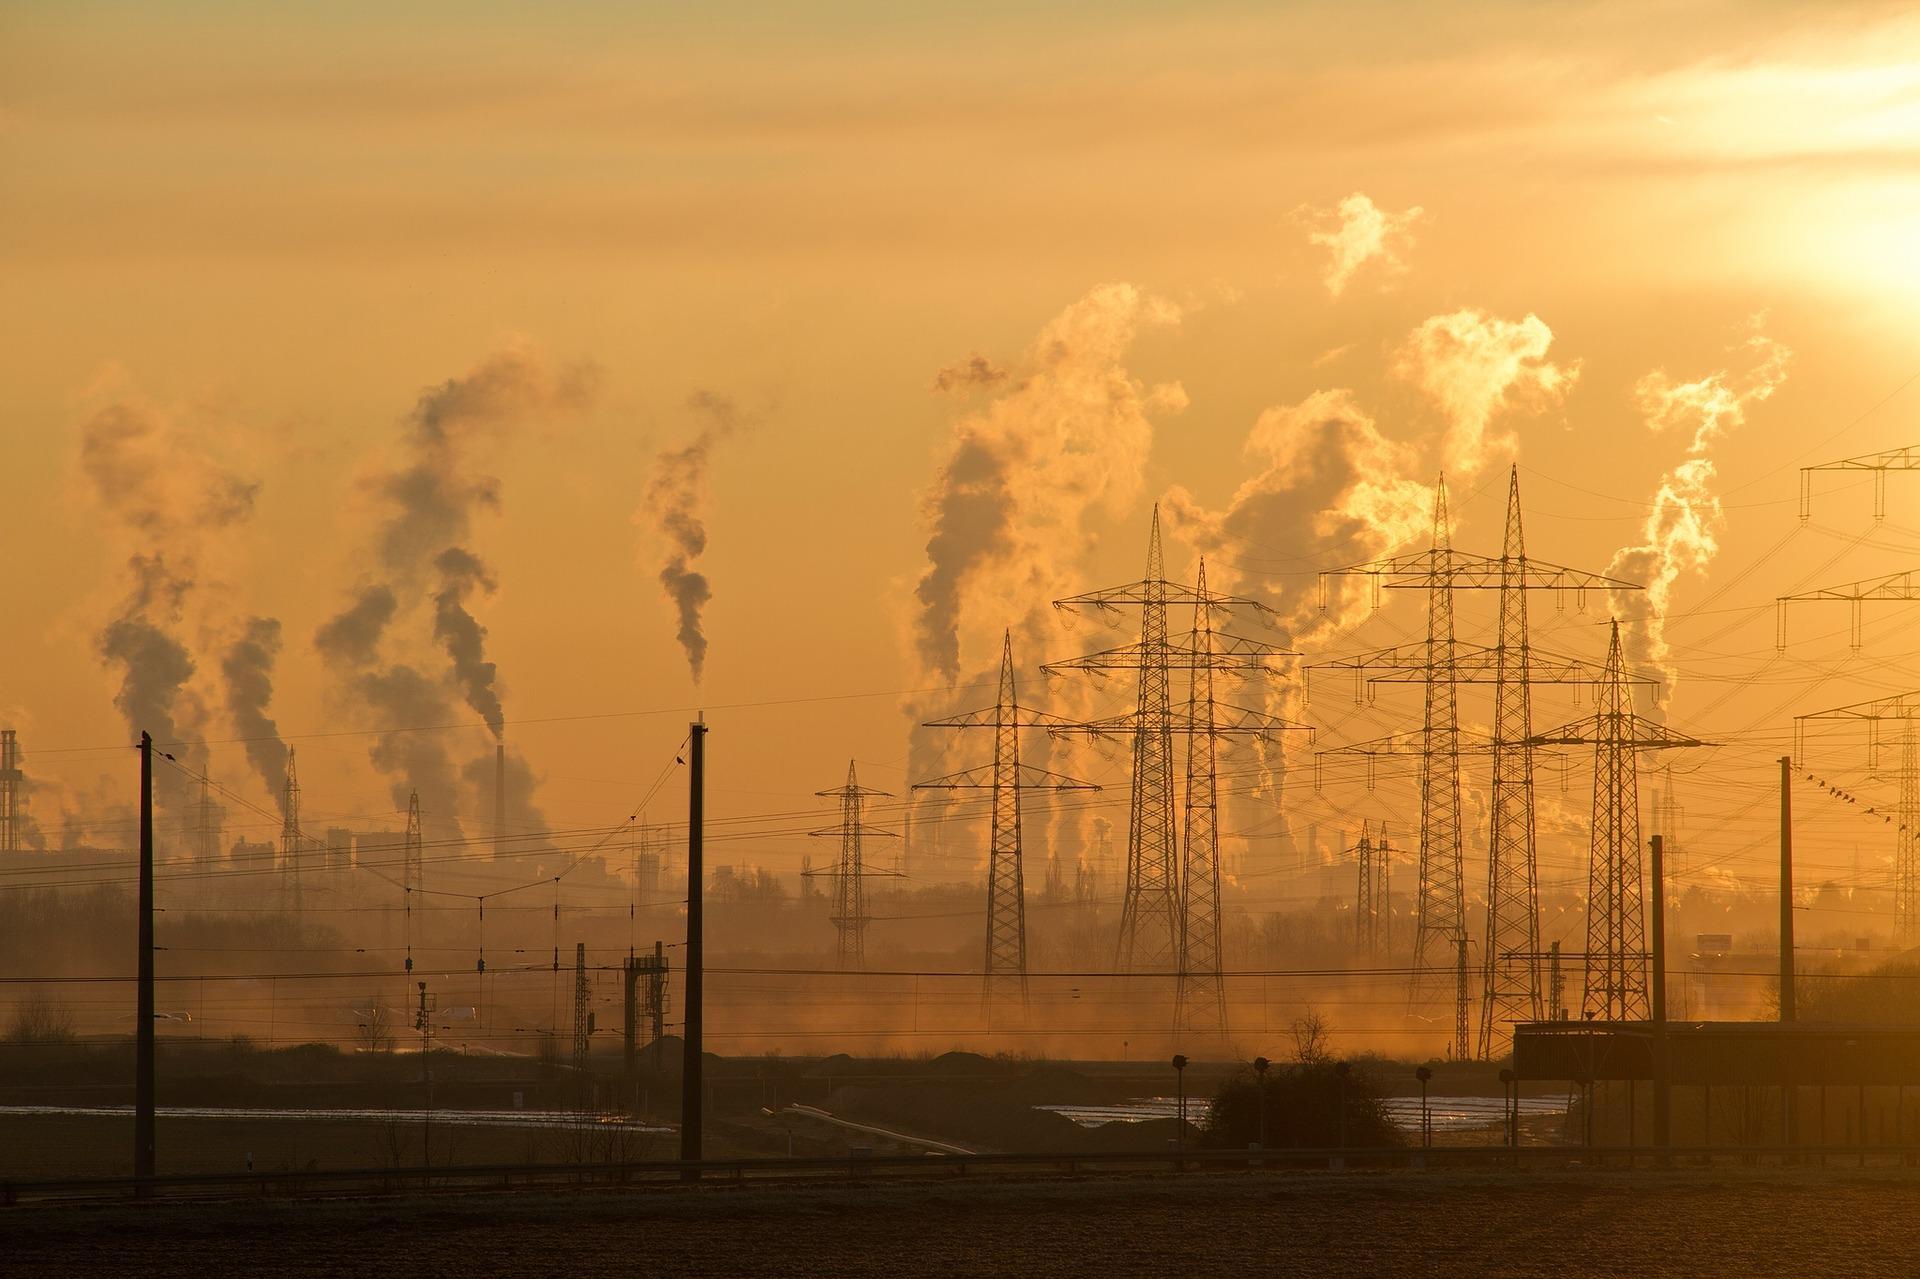 Fehler bei der Durchführung der Umweltverträglichkeitsprüfung